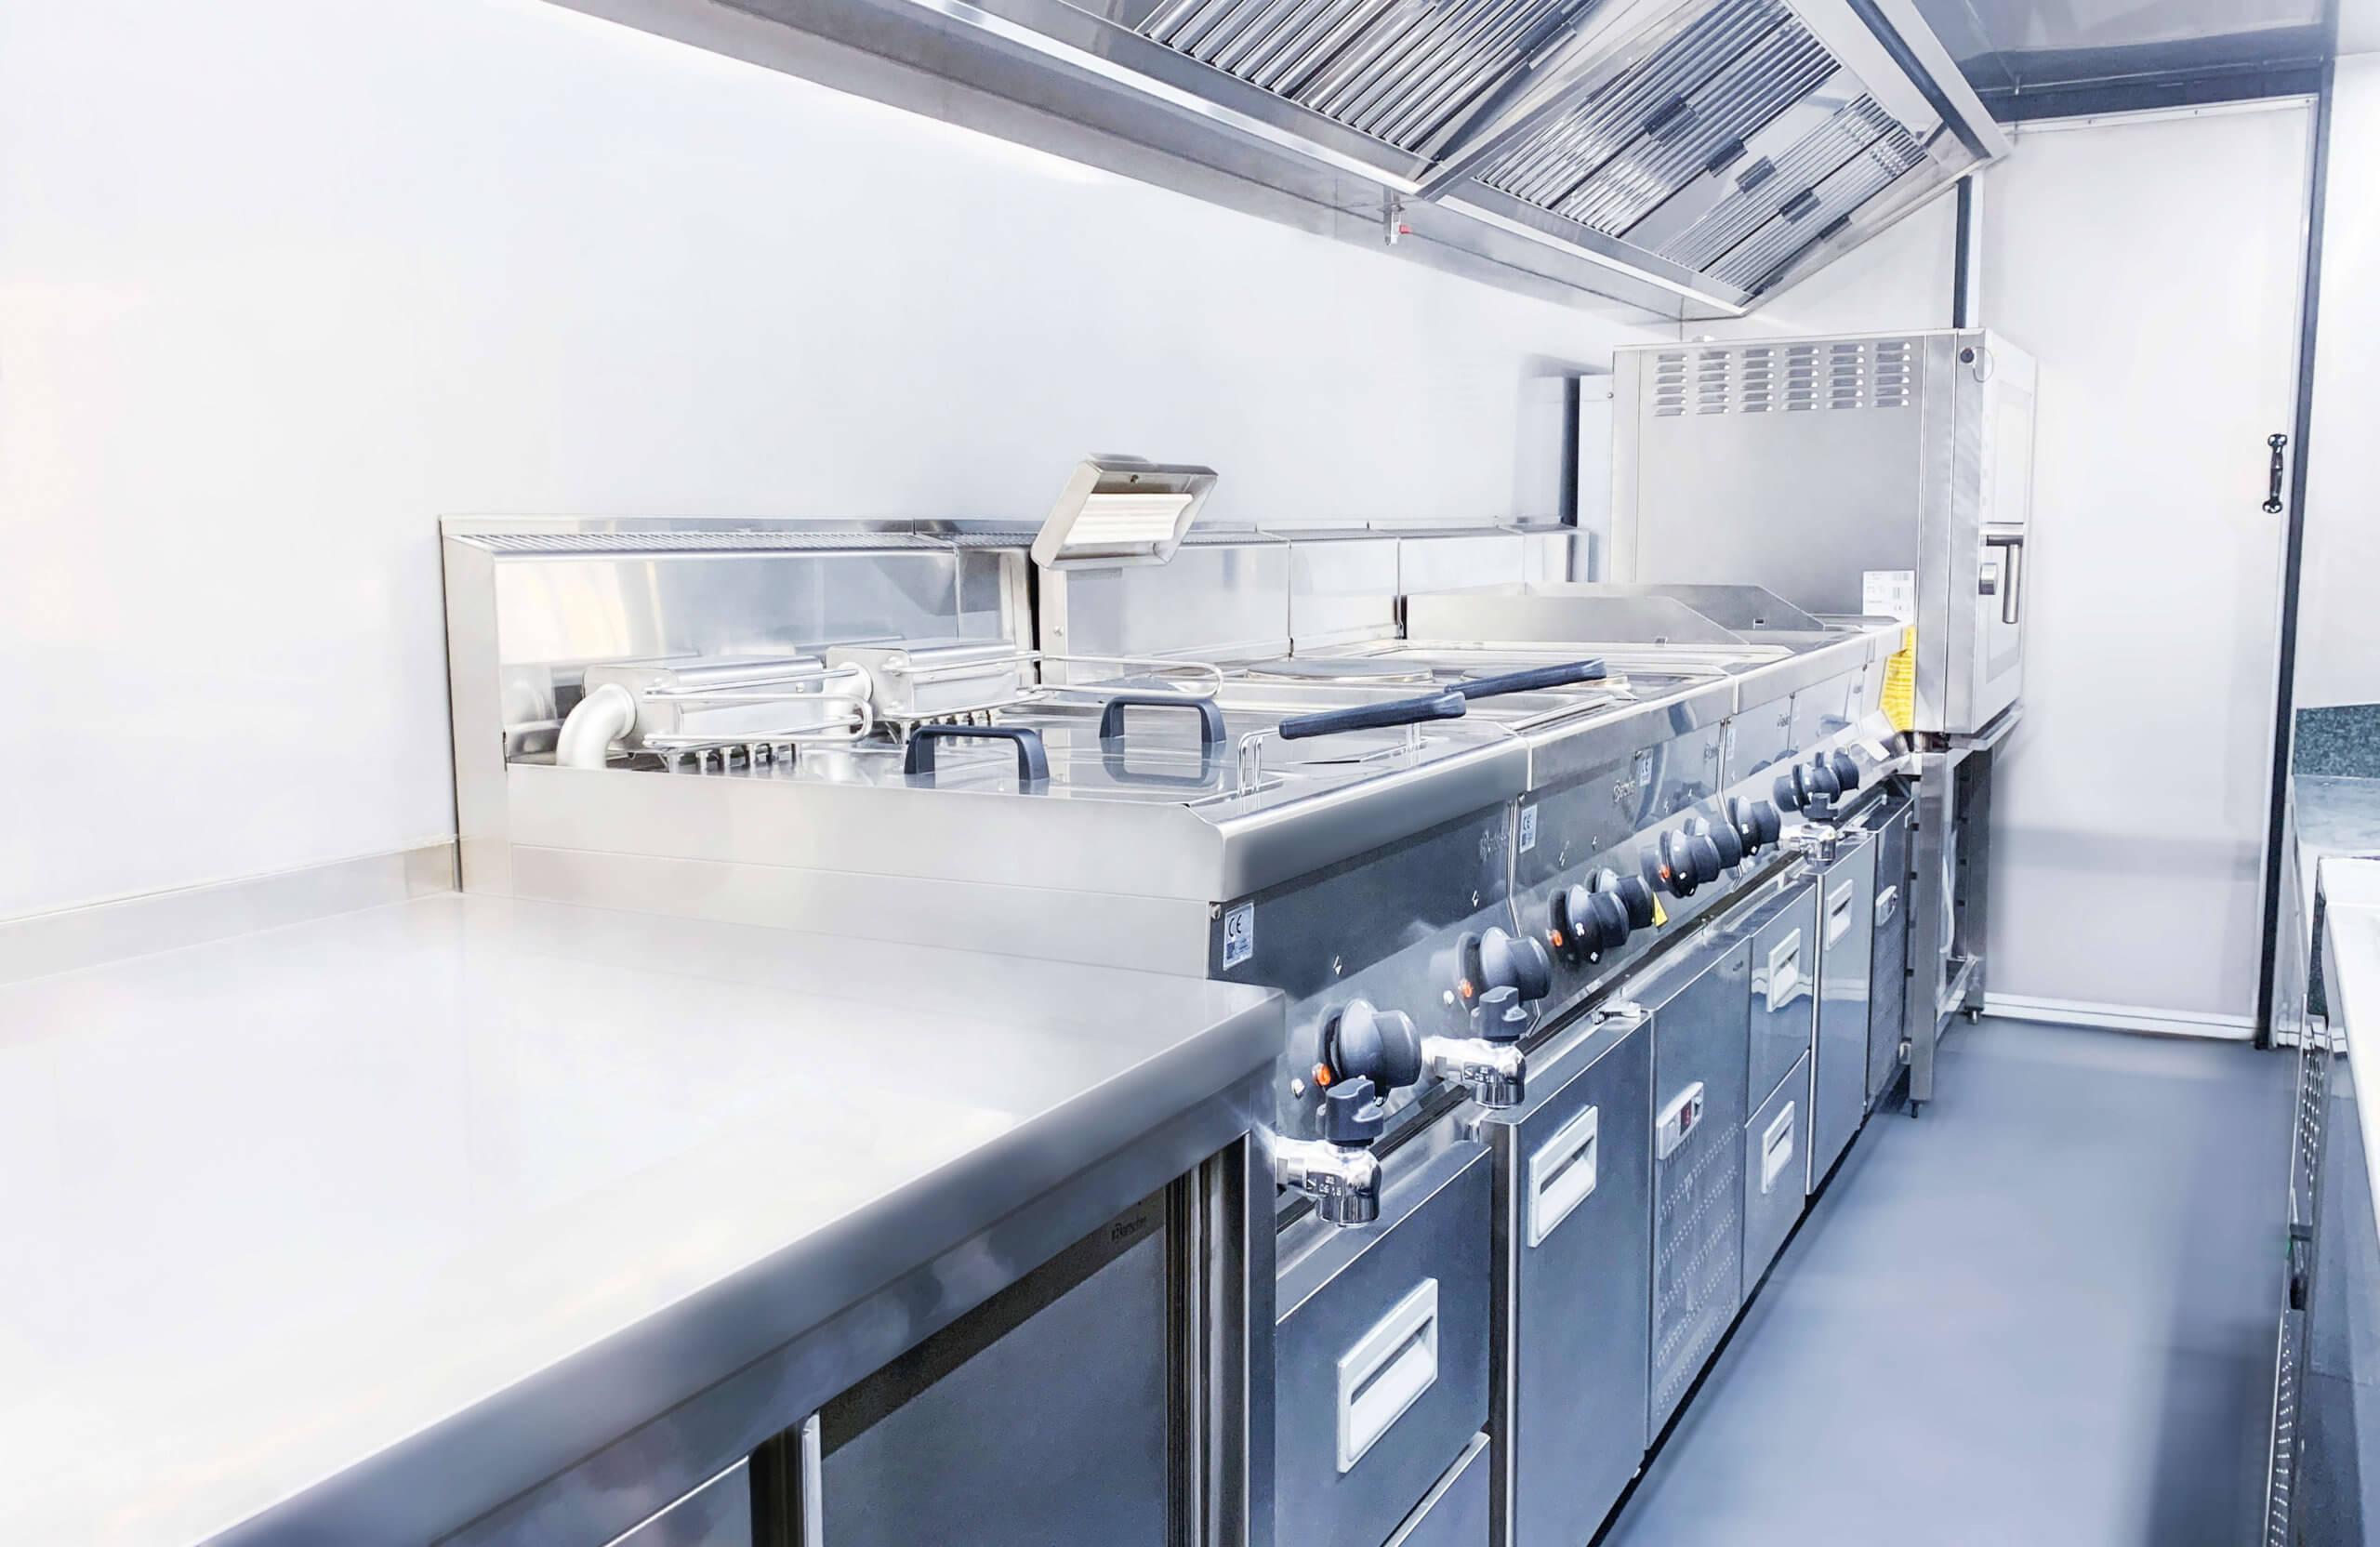 Professionelle Innenausstattung unserer fahrenden Großküchen